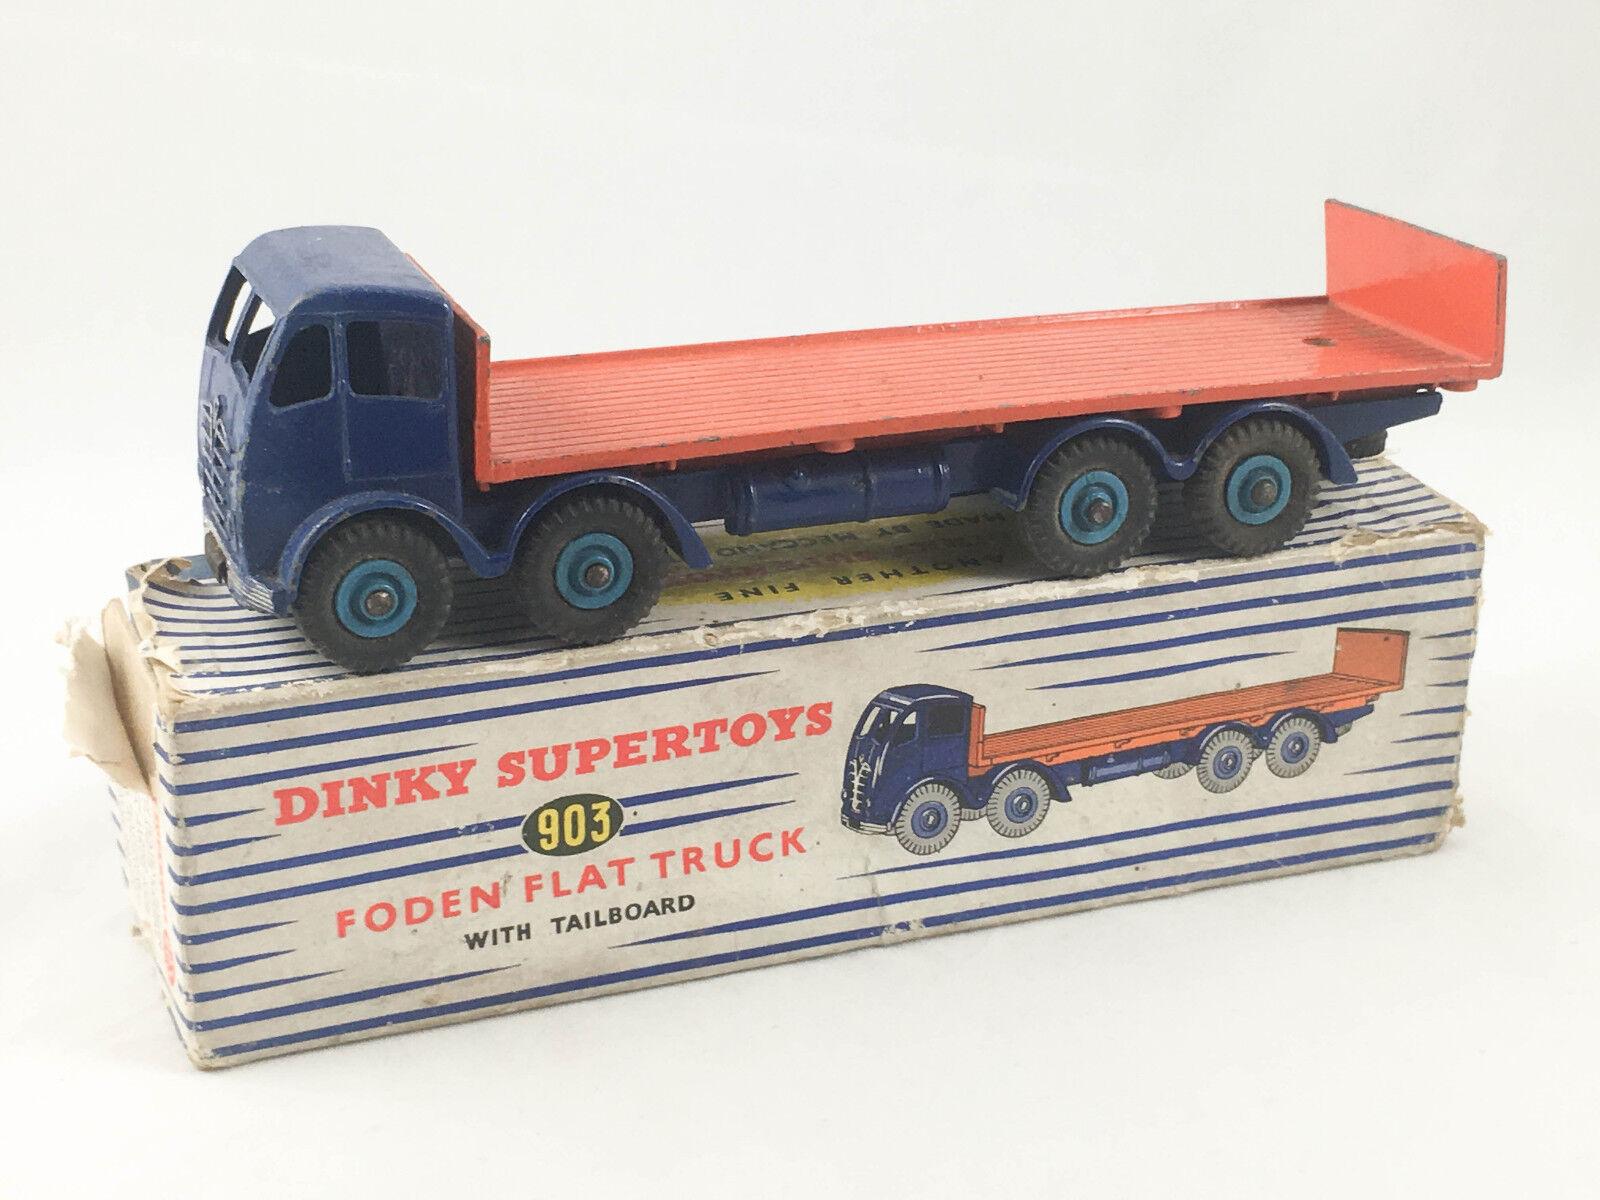 RARE Vintage DINKY SUPERTOYS # 903 FODEN piatto camion con sportello MECCANO in Scatola